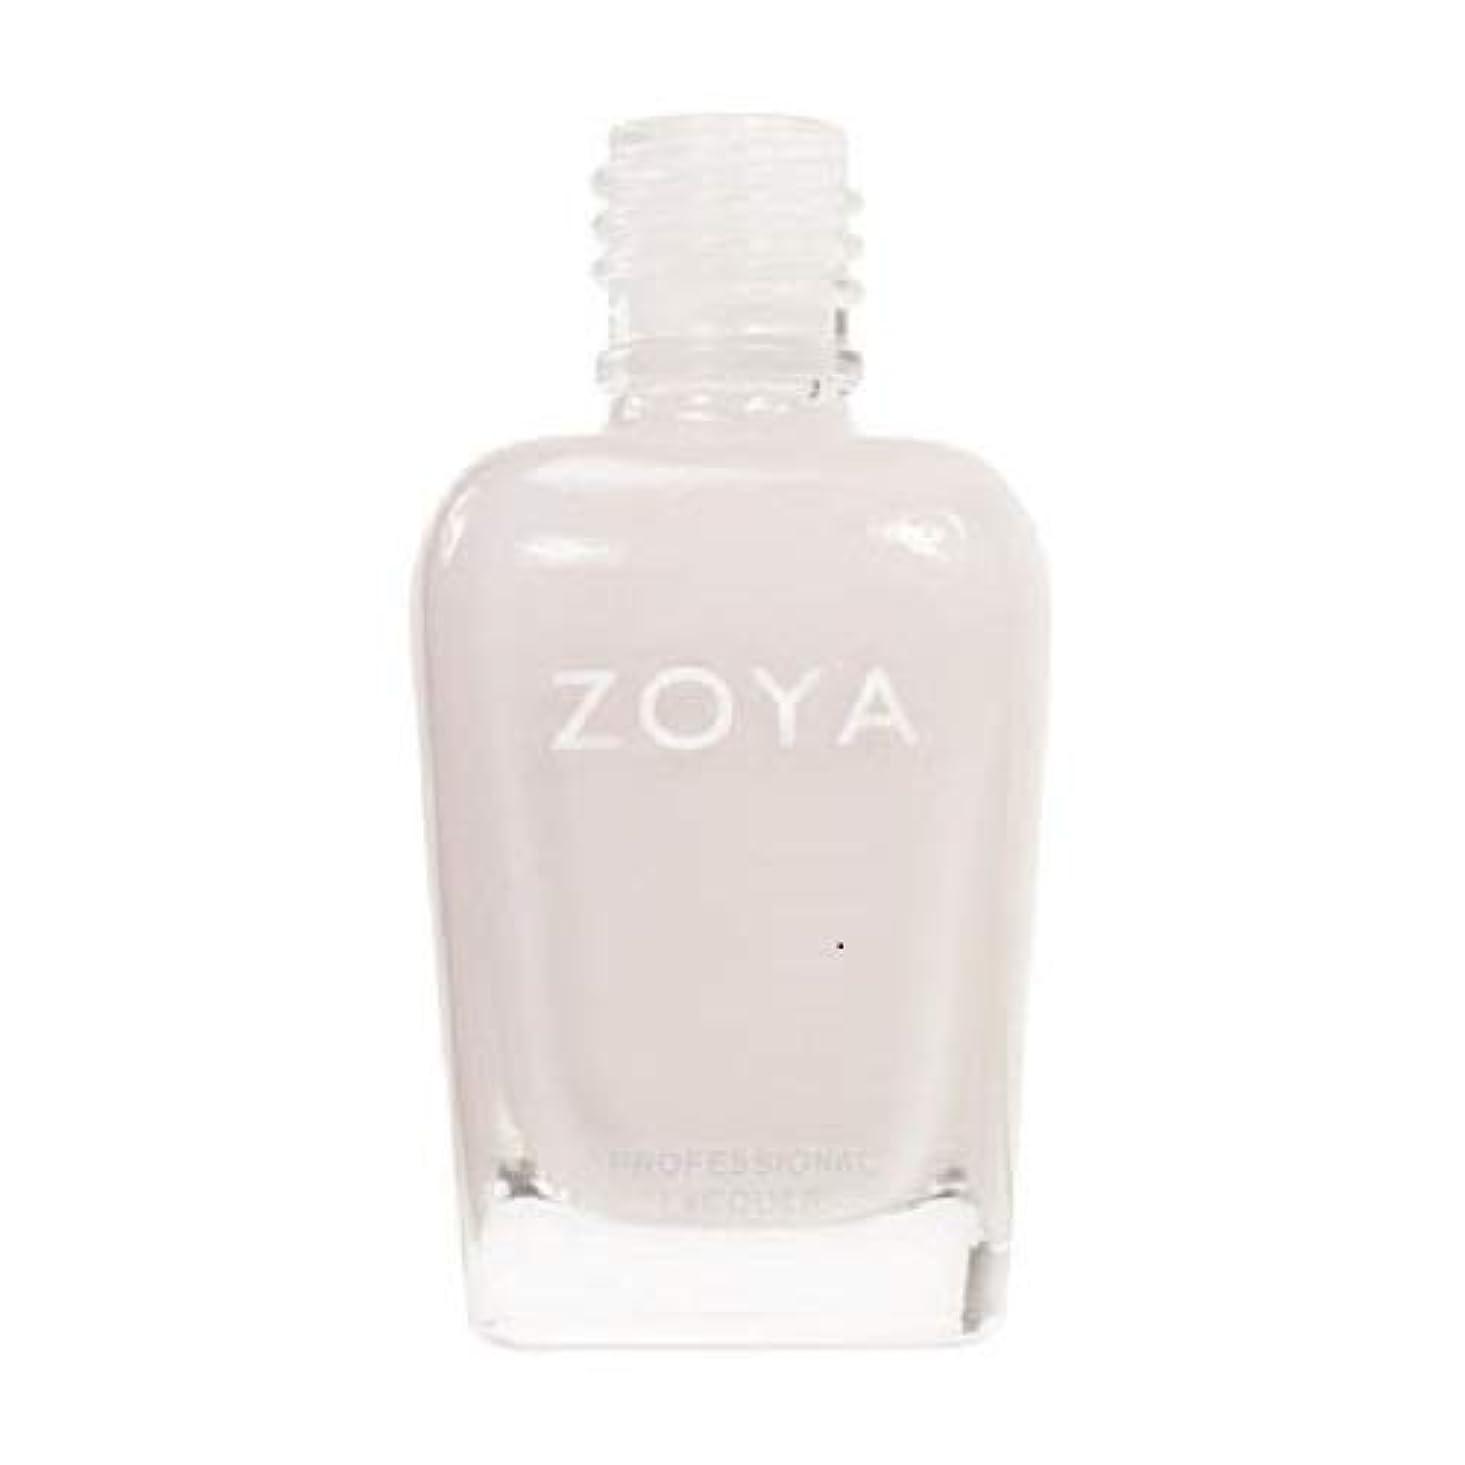 対応寮累積ZOYA ネイルカラーZP235 SABRINA サブリナ 15ml ほのかに色づくピンクをまとったホワイト シアー/クリーム 爪にやさしいネイルラッカーマニキュア